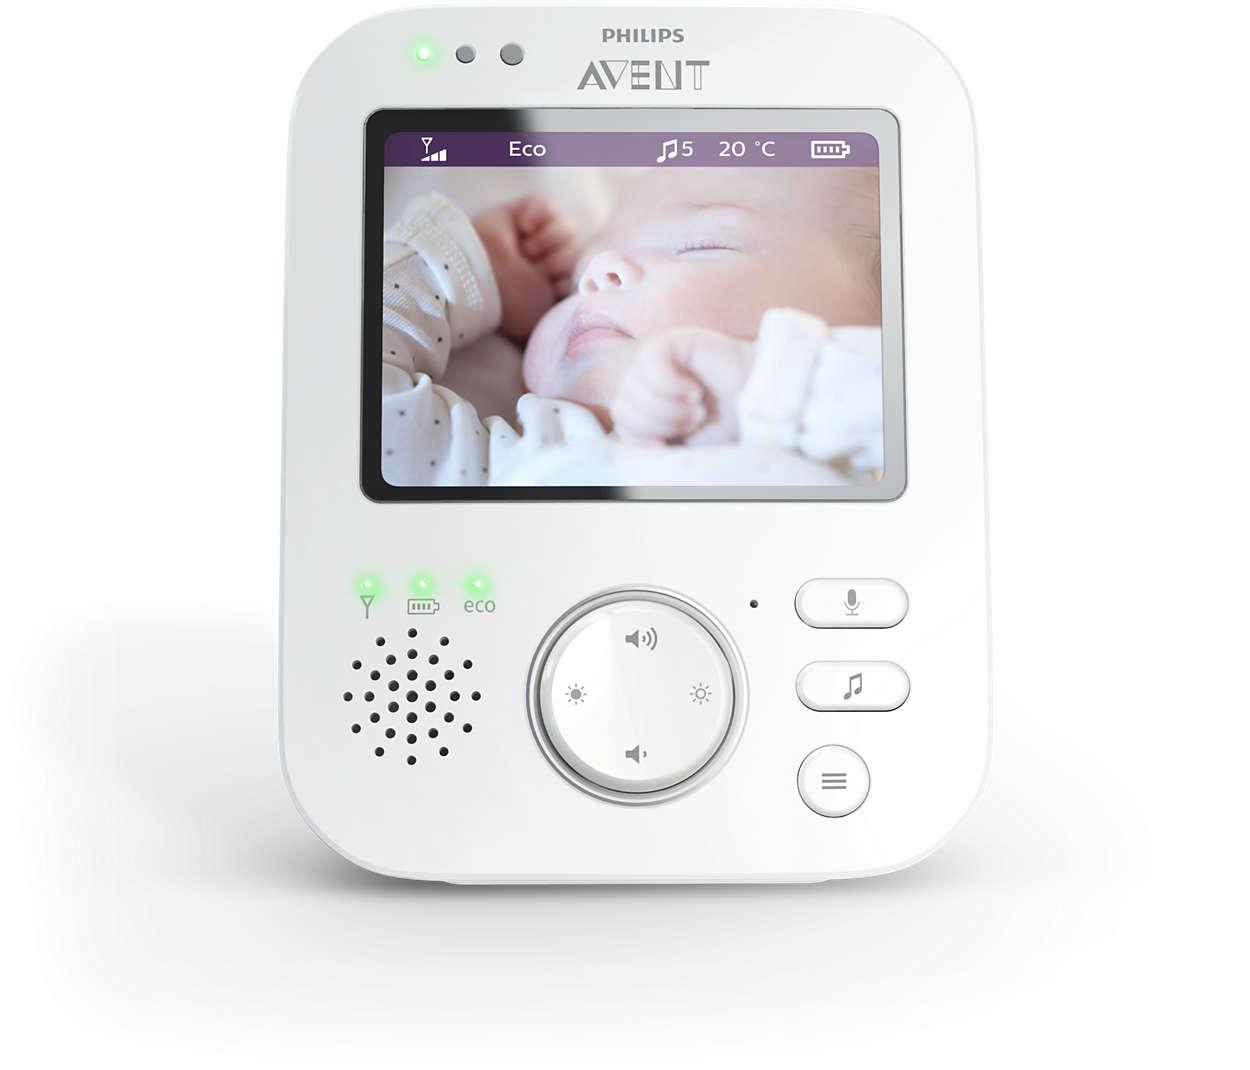 Philips Avent Intercomunicador Digital com Câmara 630